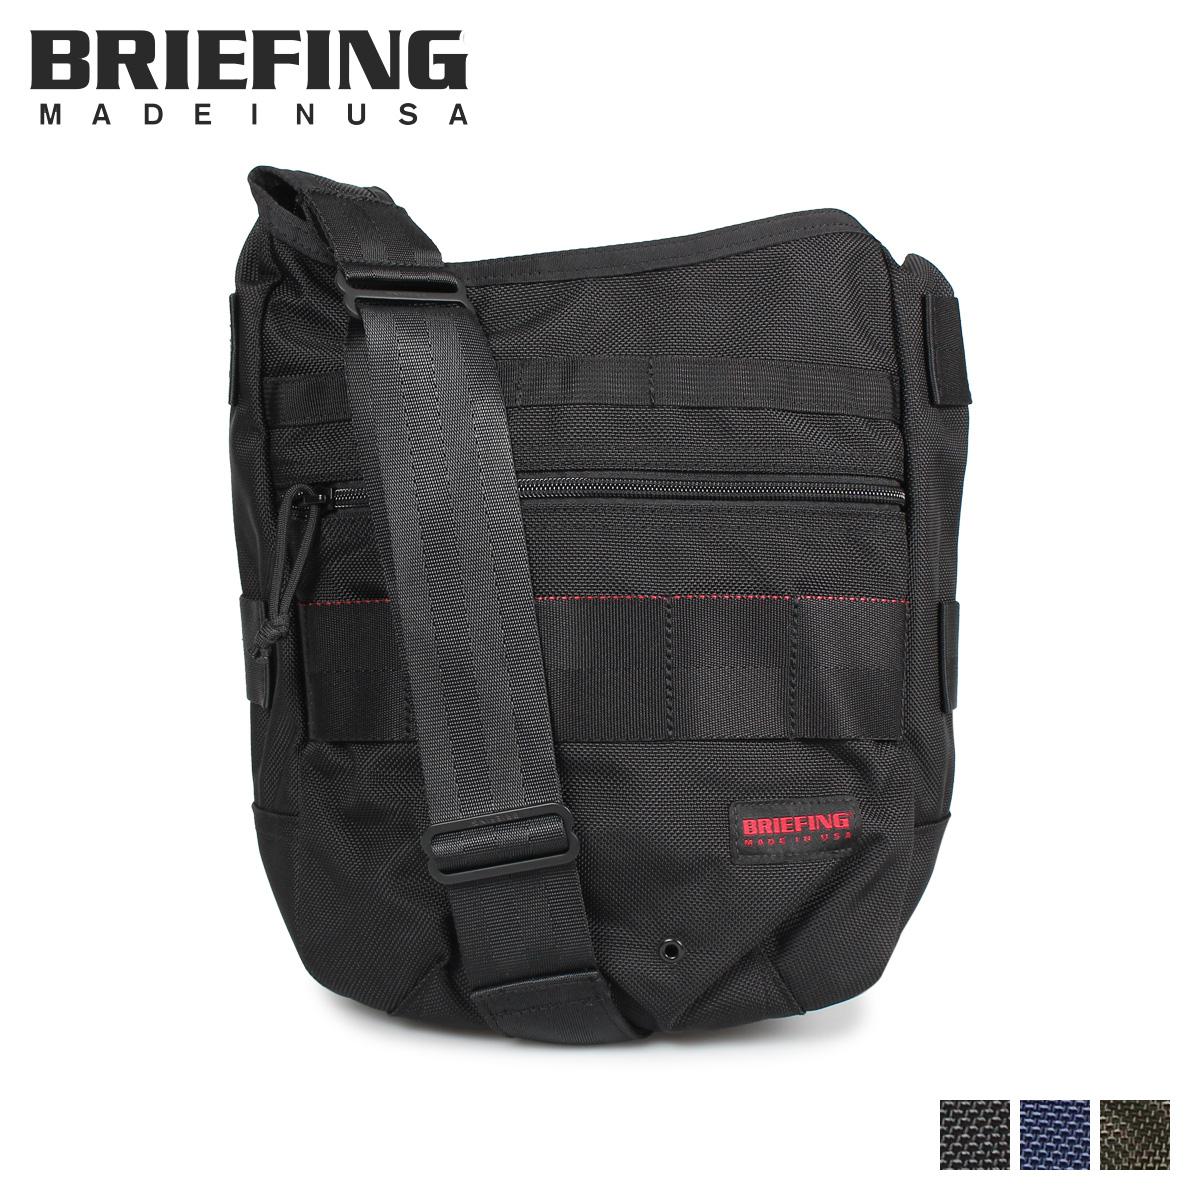 【送料無料】 【あす楽対応】 ブリーフィング BRIEFING デイ トリッパー DAY TRIPPER バッグ ショルダーバッグ BRIEFING ブリーフィング デイ トリッパー バッグ ショルダーバッグ メンズ レディース DAY TRIPPER ブラック ネイビー 黒 BRF032219 [10/31 新入荷]